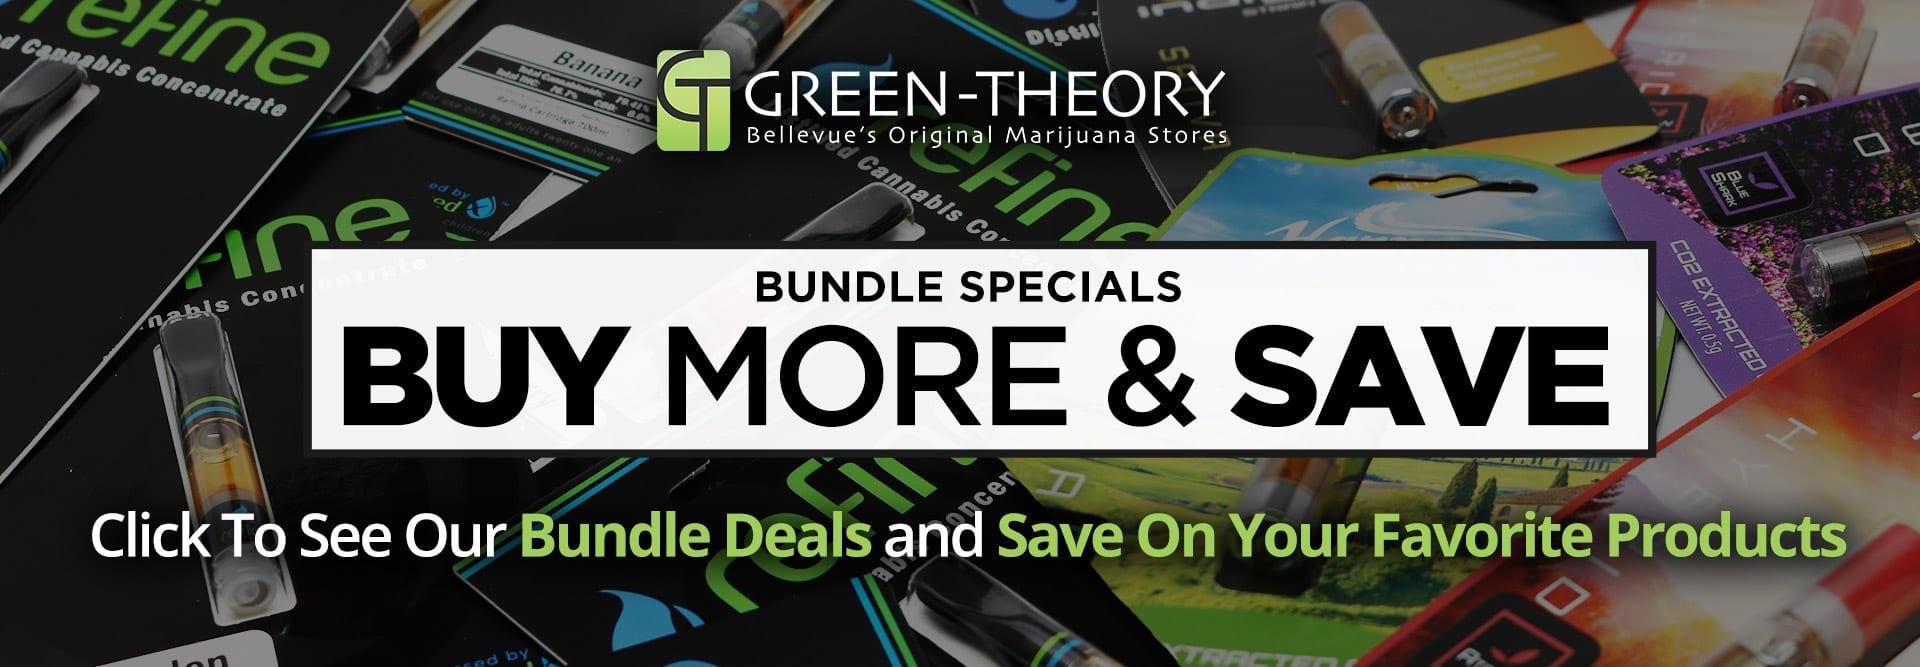 buy-more-save-bellevue-marijuana